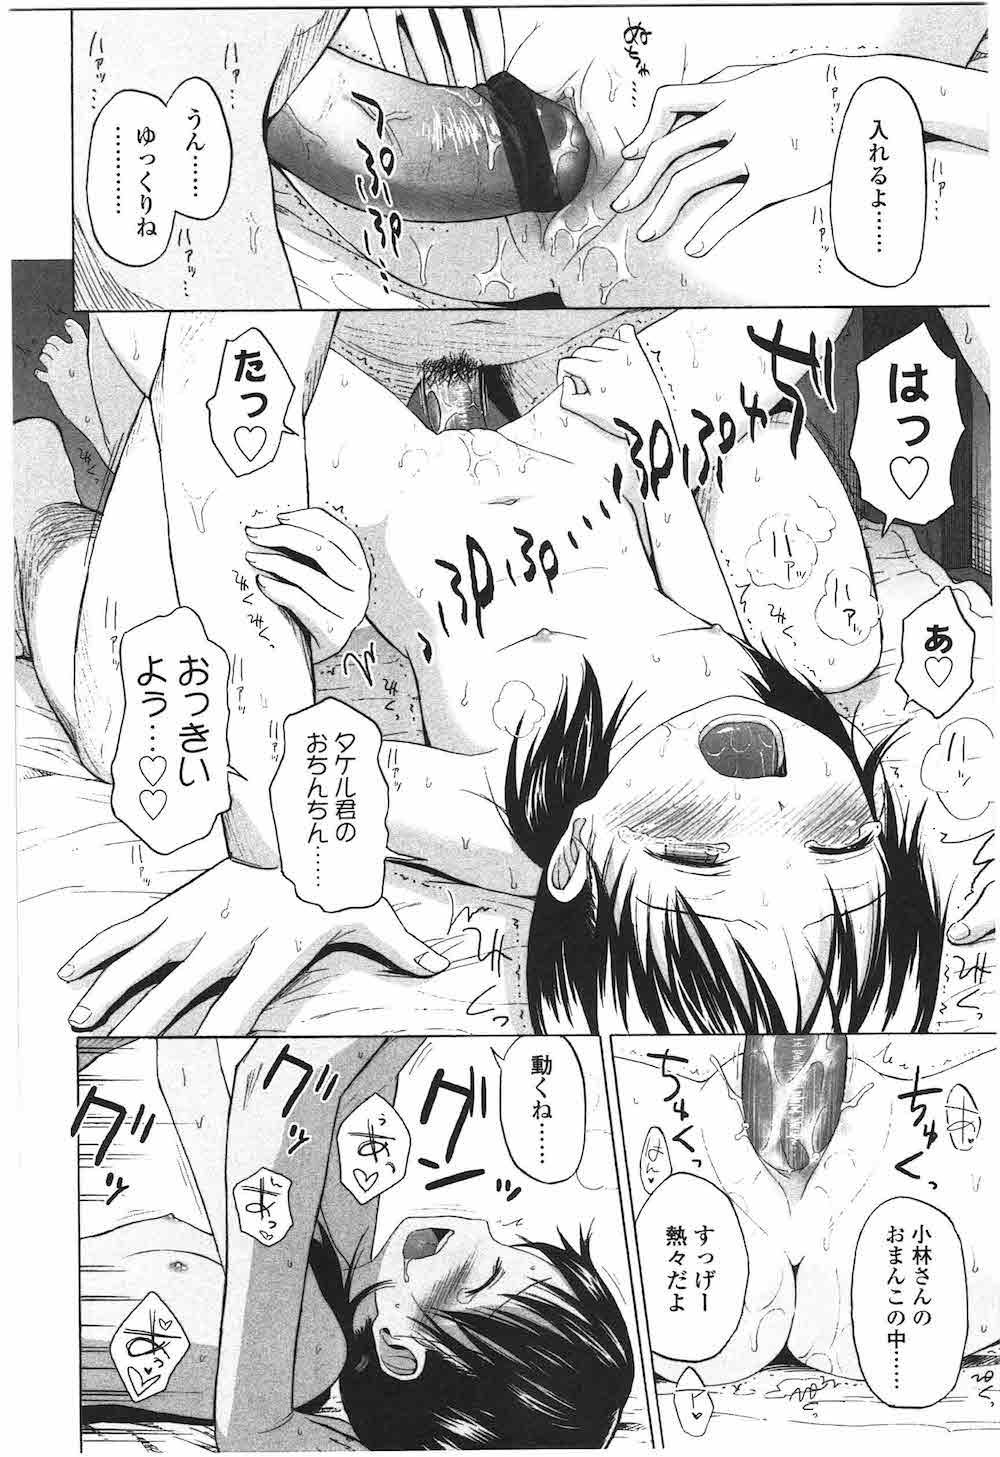 【エロ漫画】盲目の男と心優しいJSの恋!20歳と嘘をつき本気で恋愛する少女!いちゃラブSEXでザーメンごっくんに尿飲!強く抱き合いながら中出しSEX!【クジラクッス】